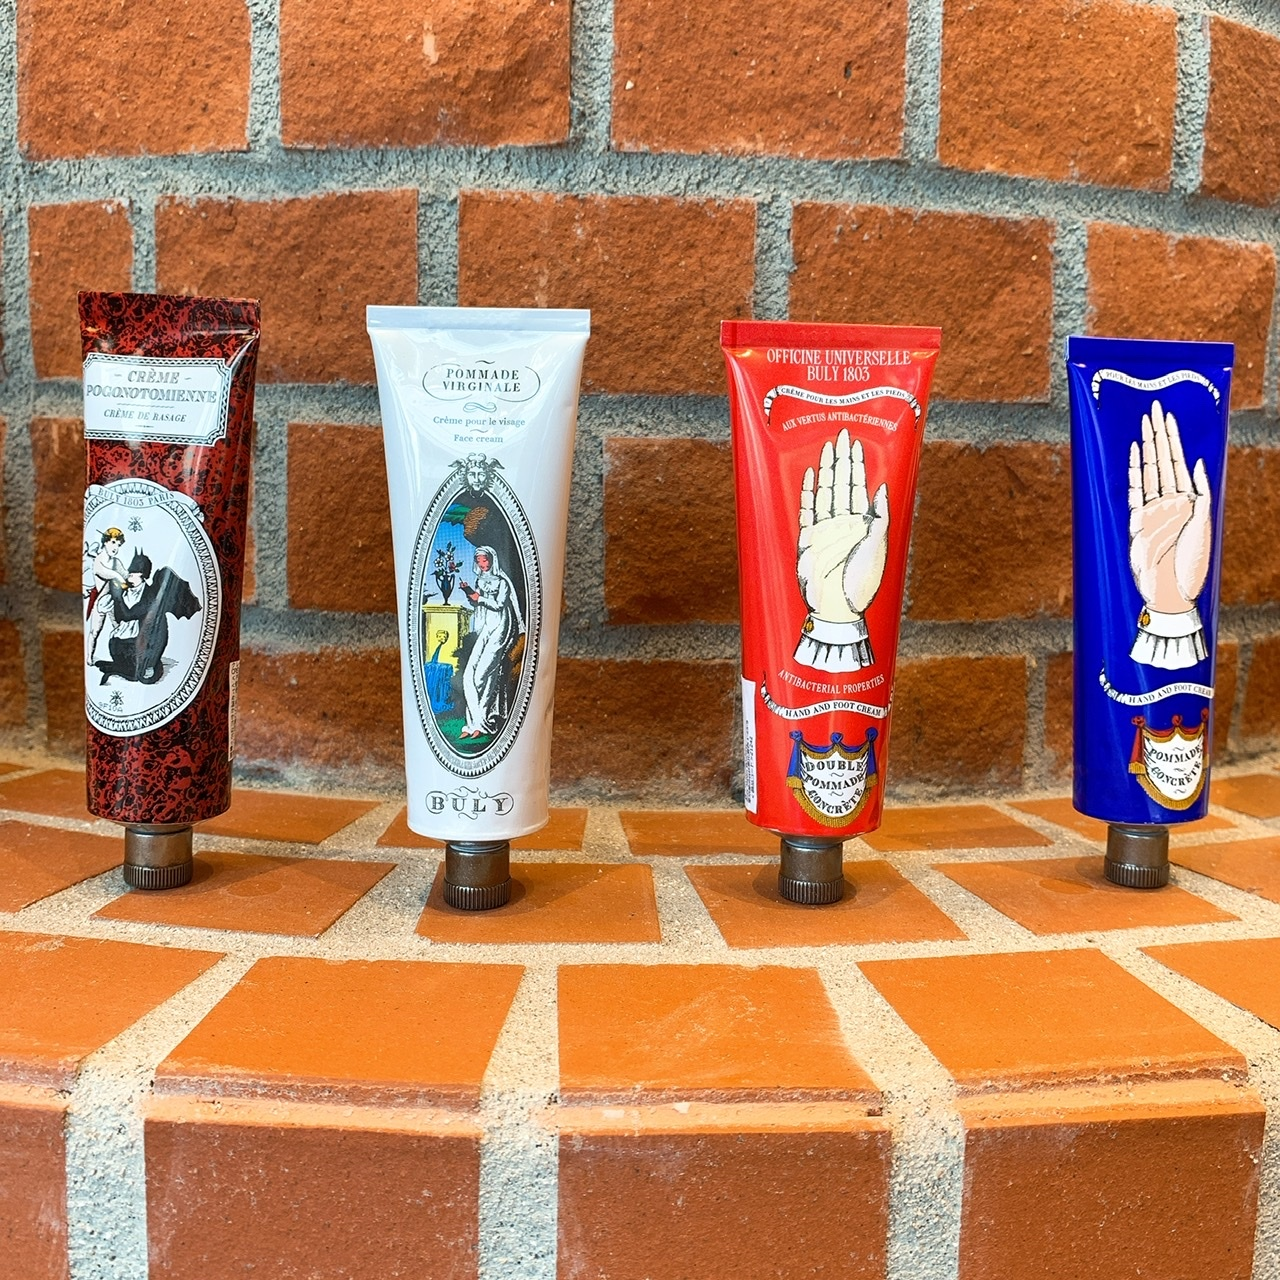 シアバターとカモミール蒸留水配合のハンド&フットクリーム「ポマード・コンクレット」75g ¥4,700。ユーカリとスウィートオレンジのエッセンシャルオイルの香りが魅力の「ドゥーブル・ポマード・コンクレット」75g ¥5,700。フェイシャルクリーム「ポマード・ヴィルジナル」75g ¥5,500、シェービングクリーム「クレーム・ポゴノトミエンヌ」75㎖ ¥4,300